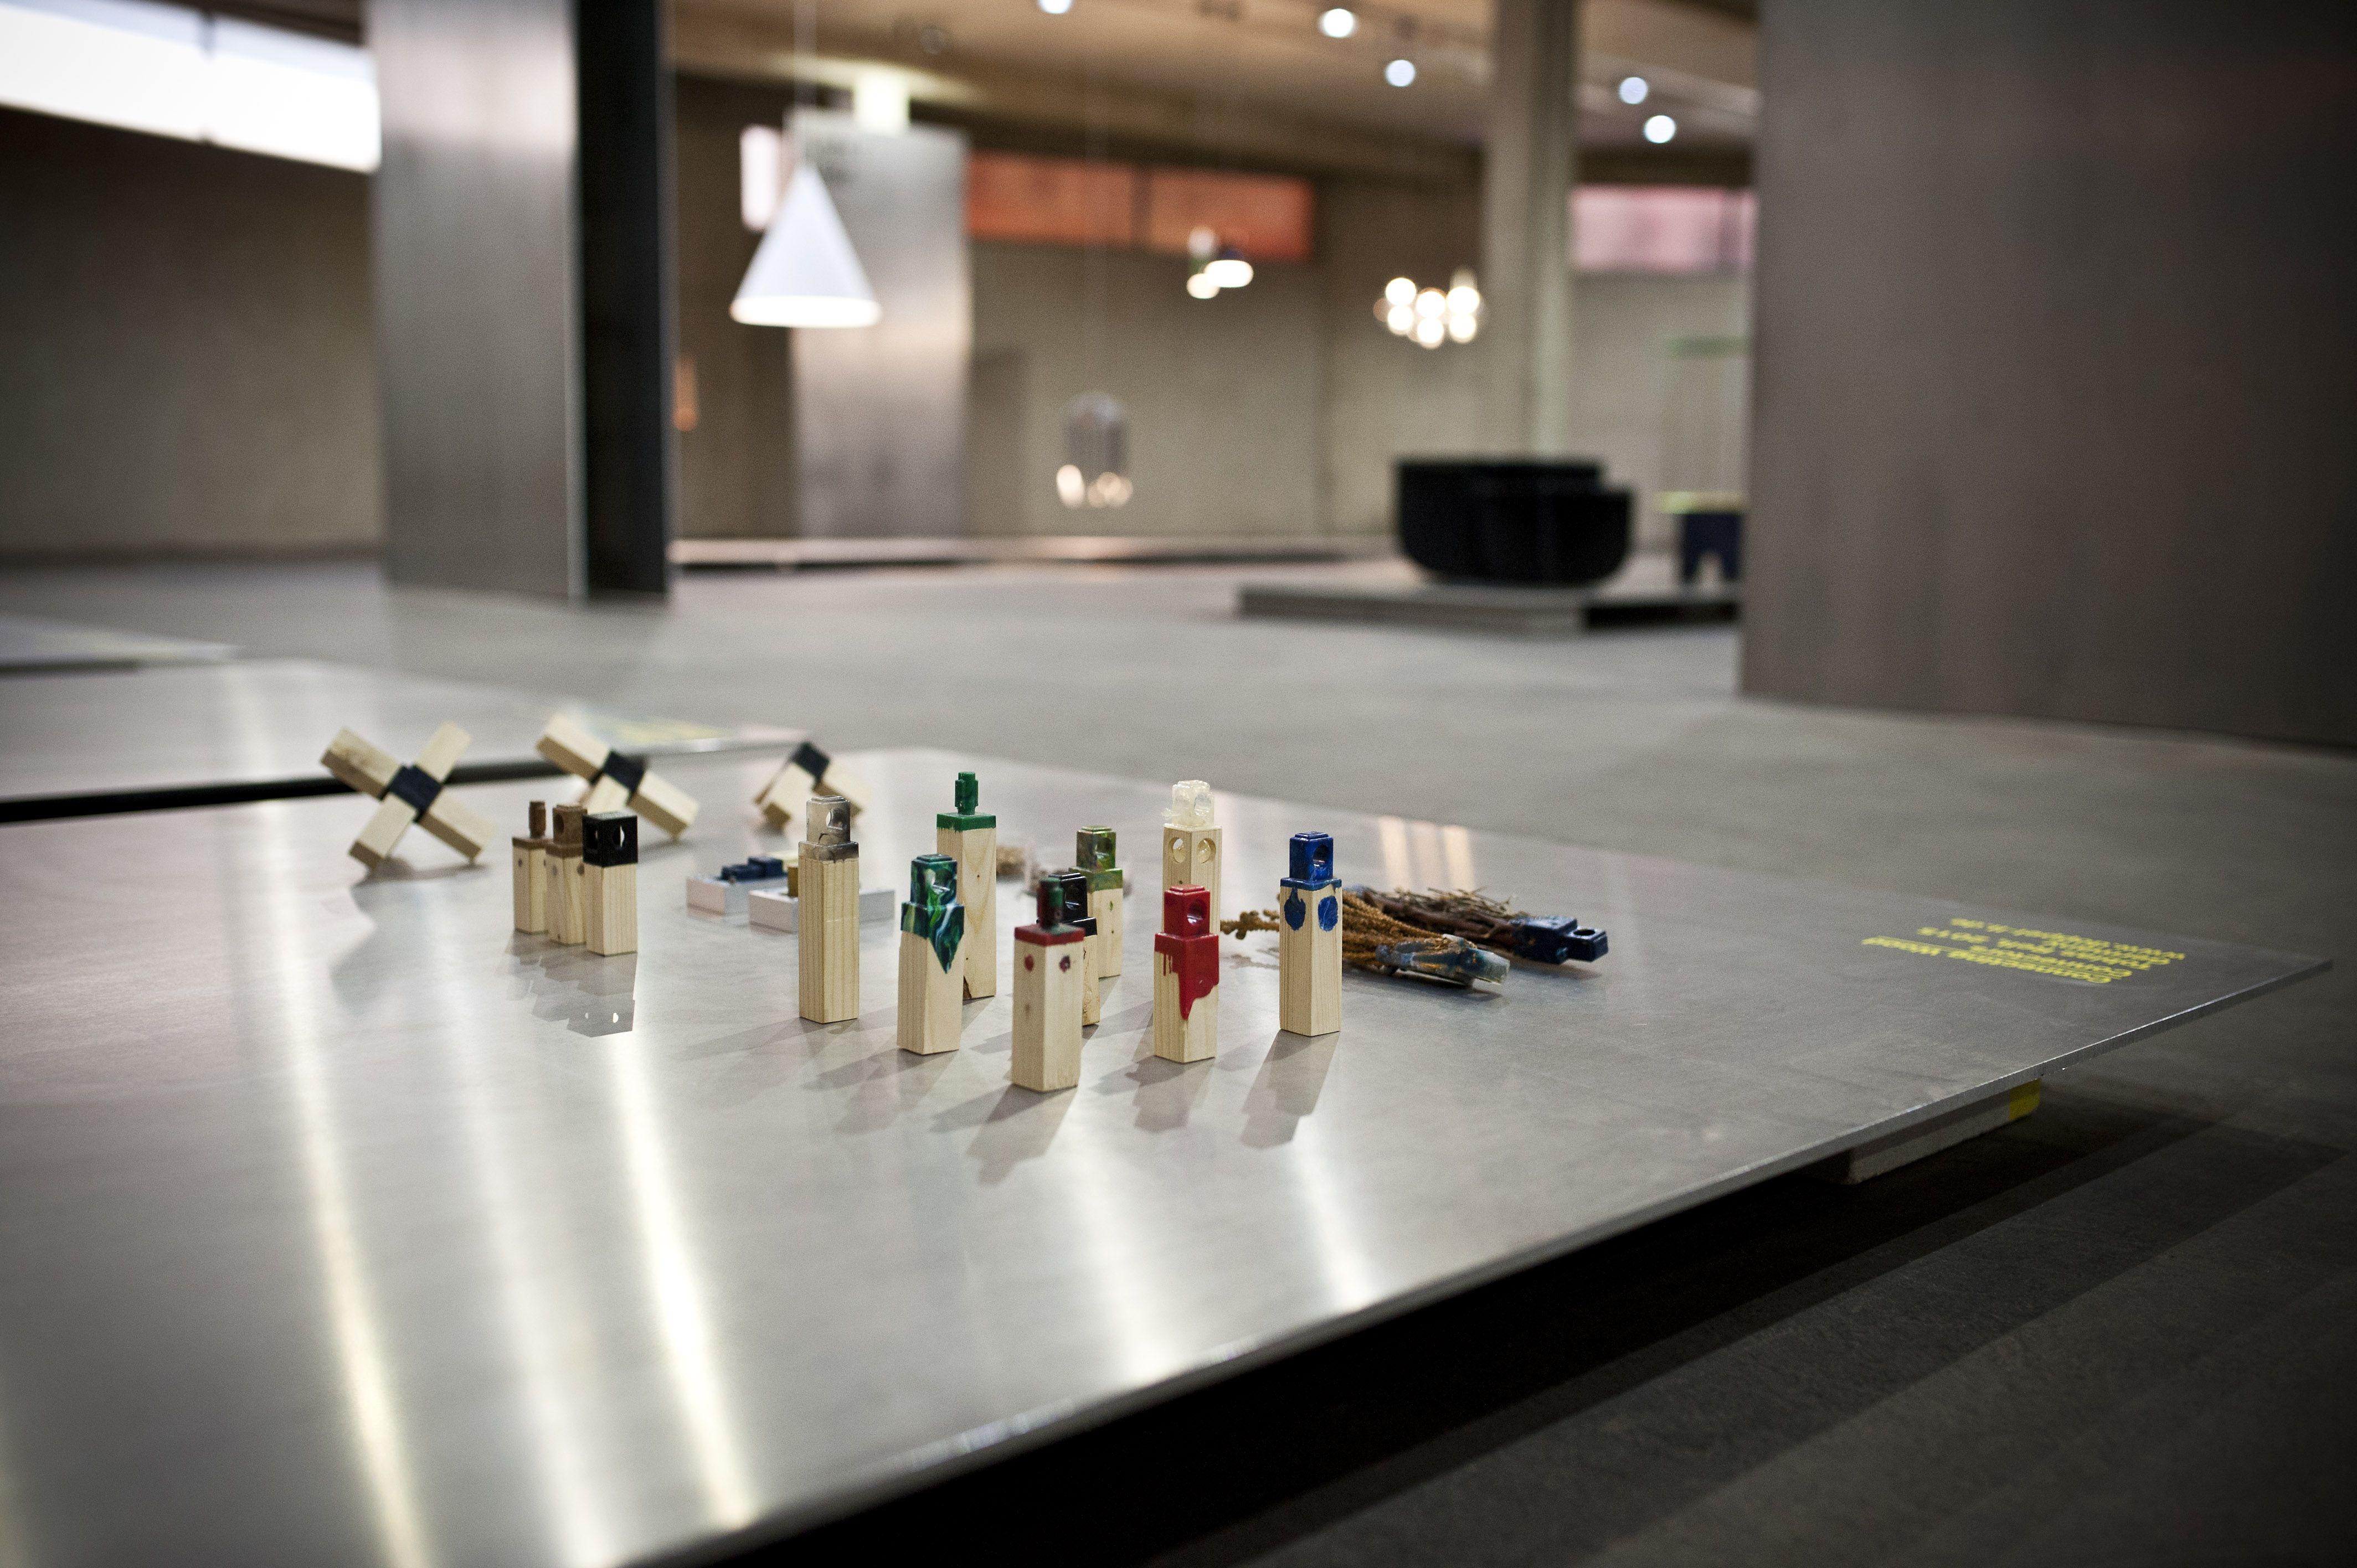 Eines der Ausstellungsstücke bei #SELECTED 2016 im Rahmen des Designmonat Graz. SELECTED 2016 ist die größte Design-Ausstellung Österreichs im Bereich Produkt- und Interiordesign. #dmg16 #interior #interieur #graz #design #living